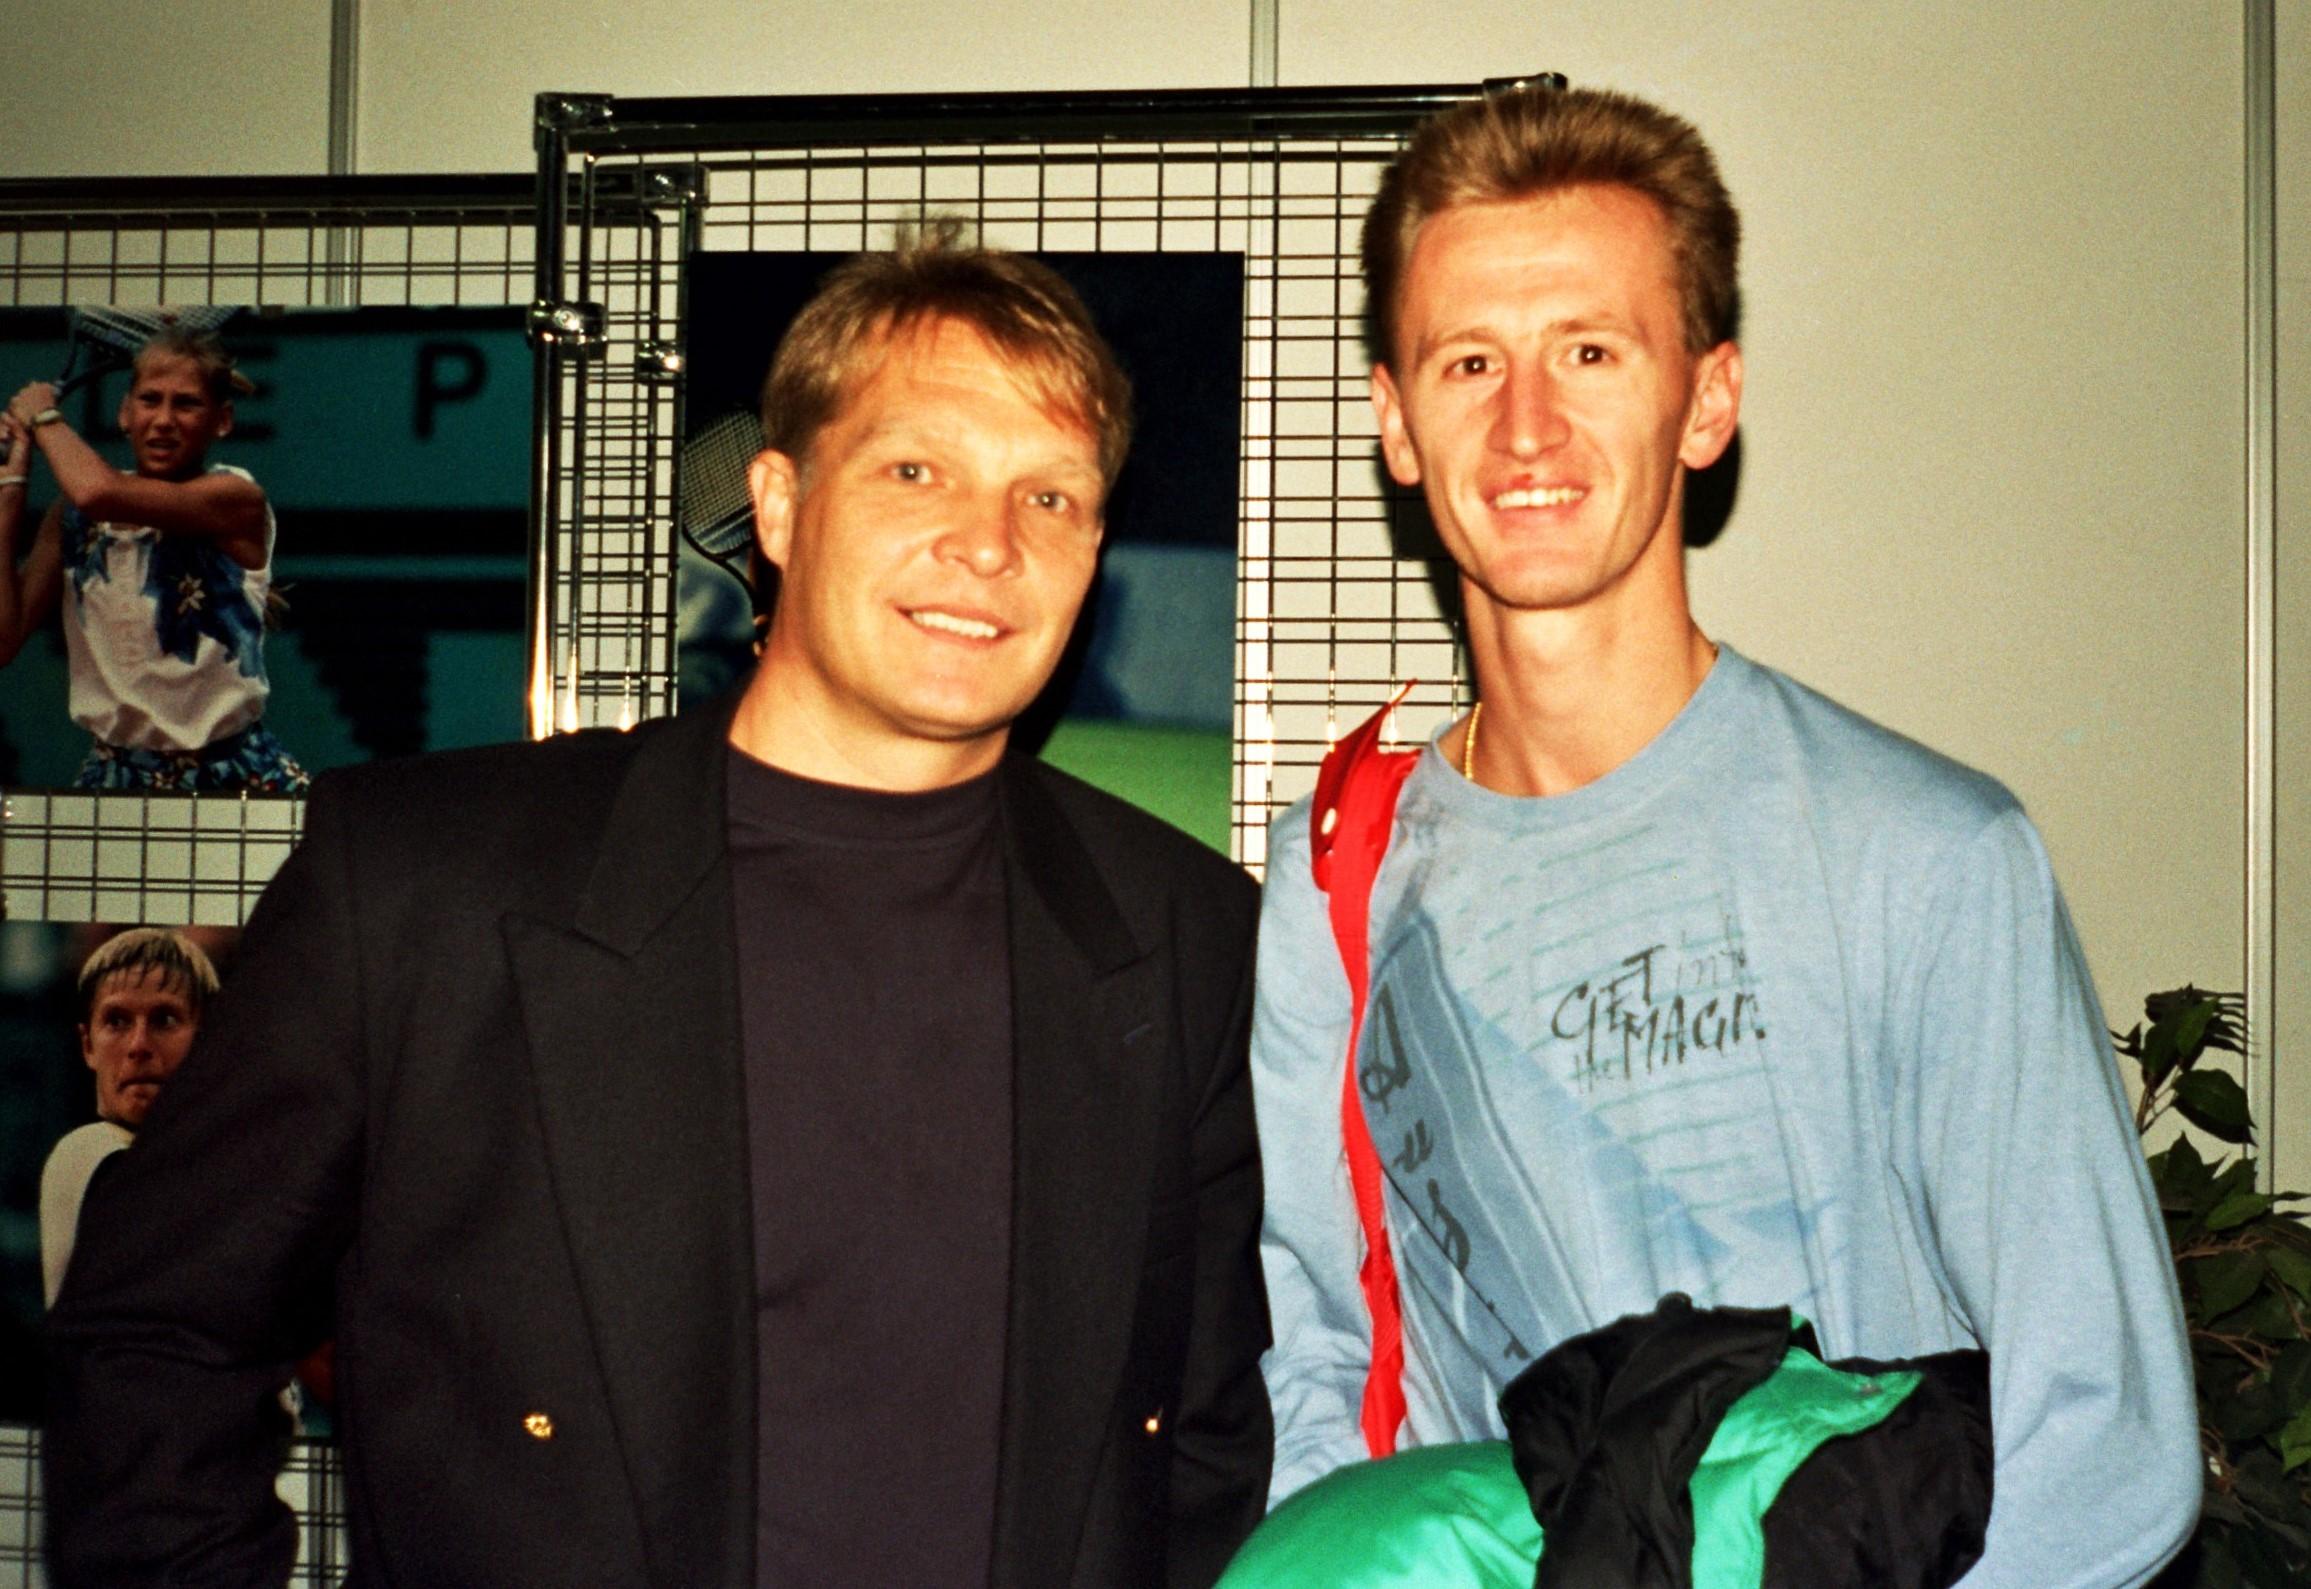 Корда Петер (Чехия) Знаменитый чешский теннисист и Минкевич Анатолий (Россия) Судья турниров ATP-Tour 1996